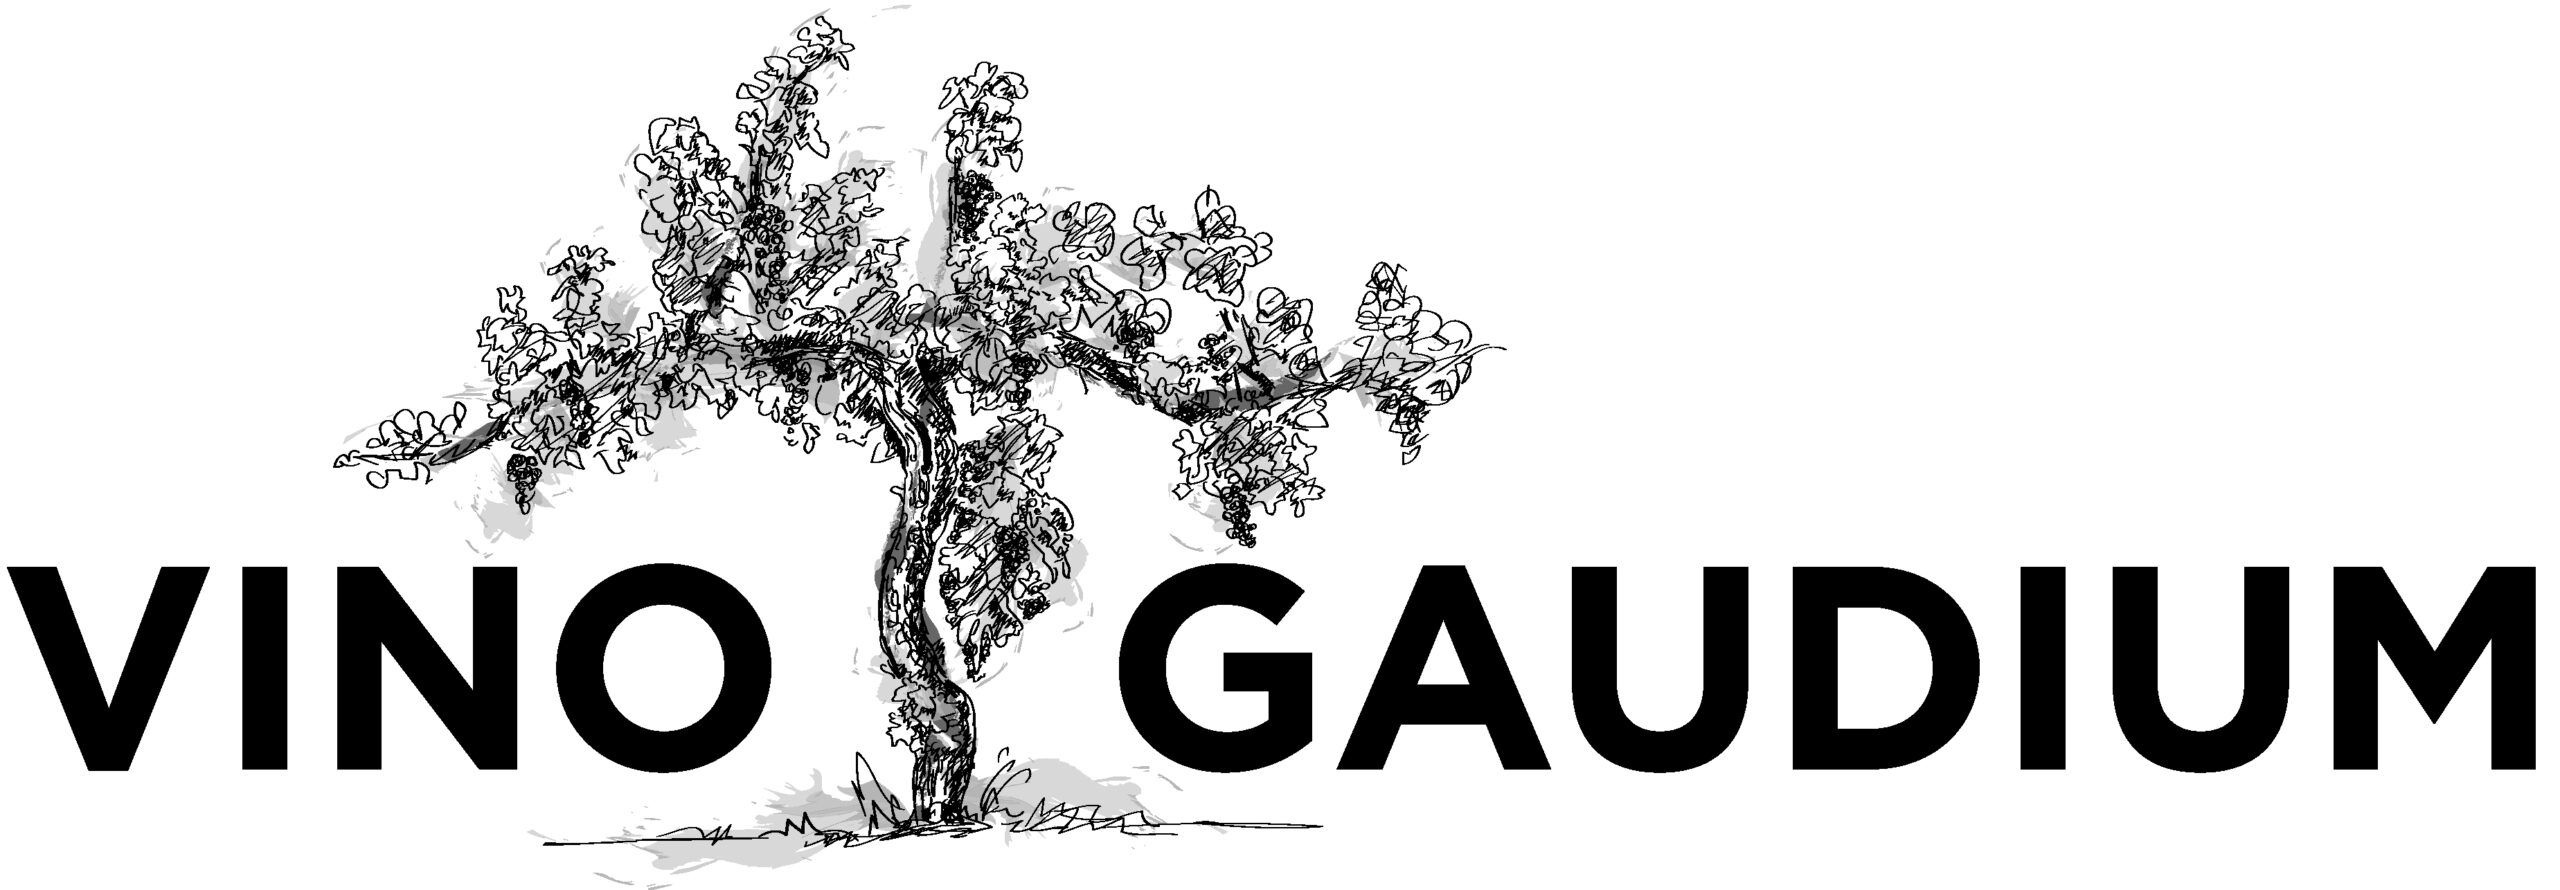 Vino Gaudium